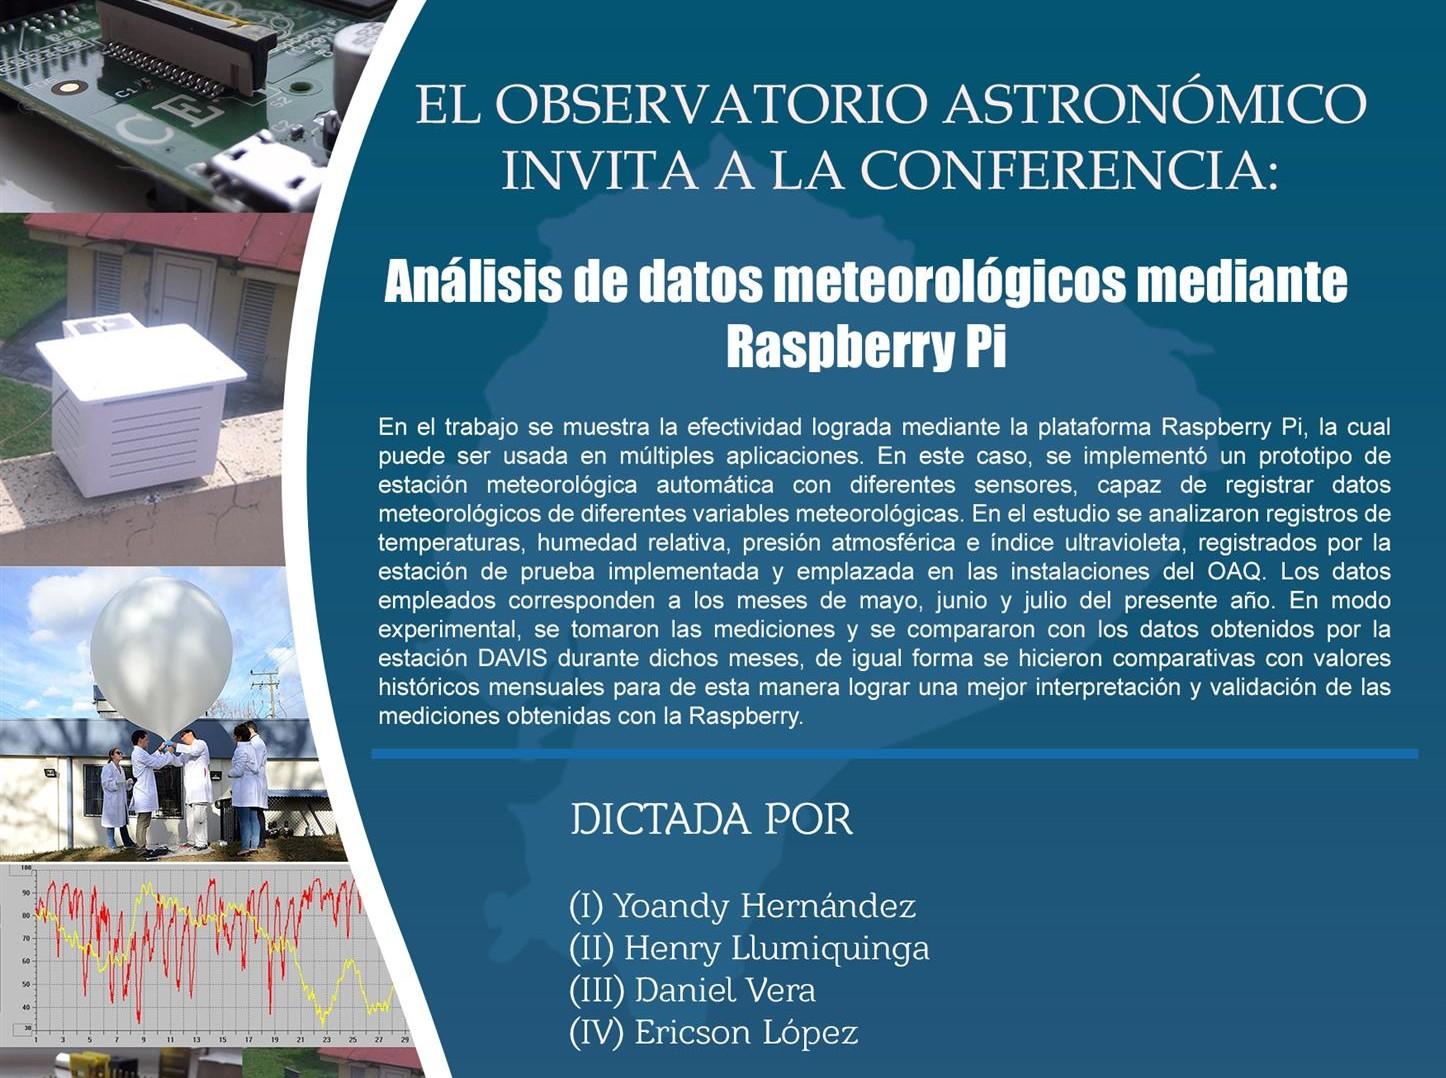 Conferencias 2018 - Observatorio Astronómico de Quito - OAQ